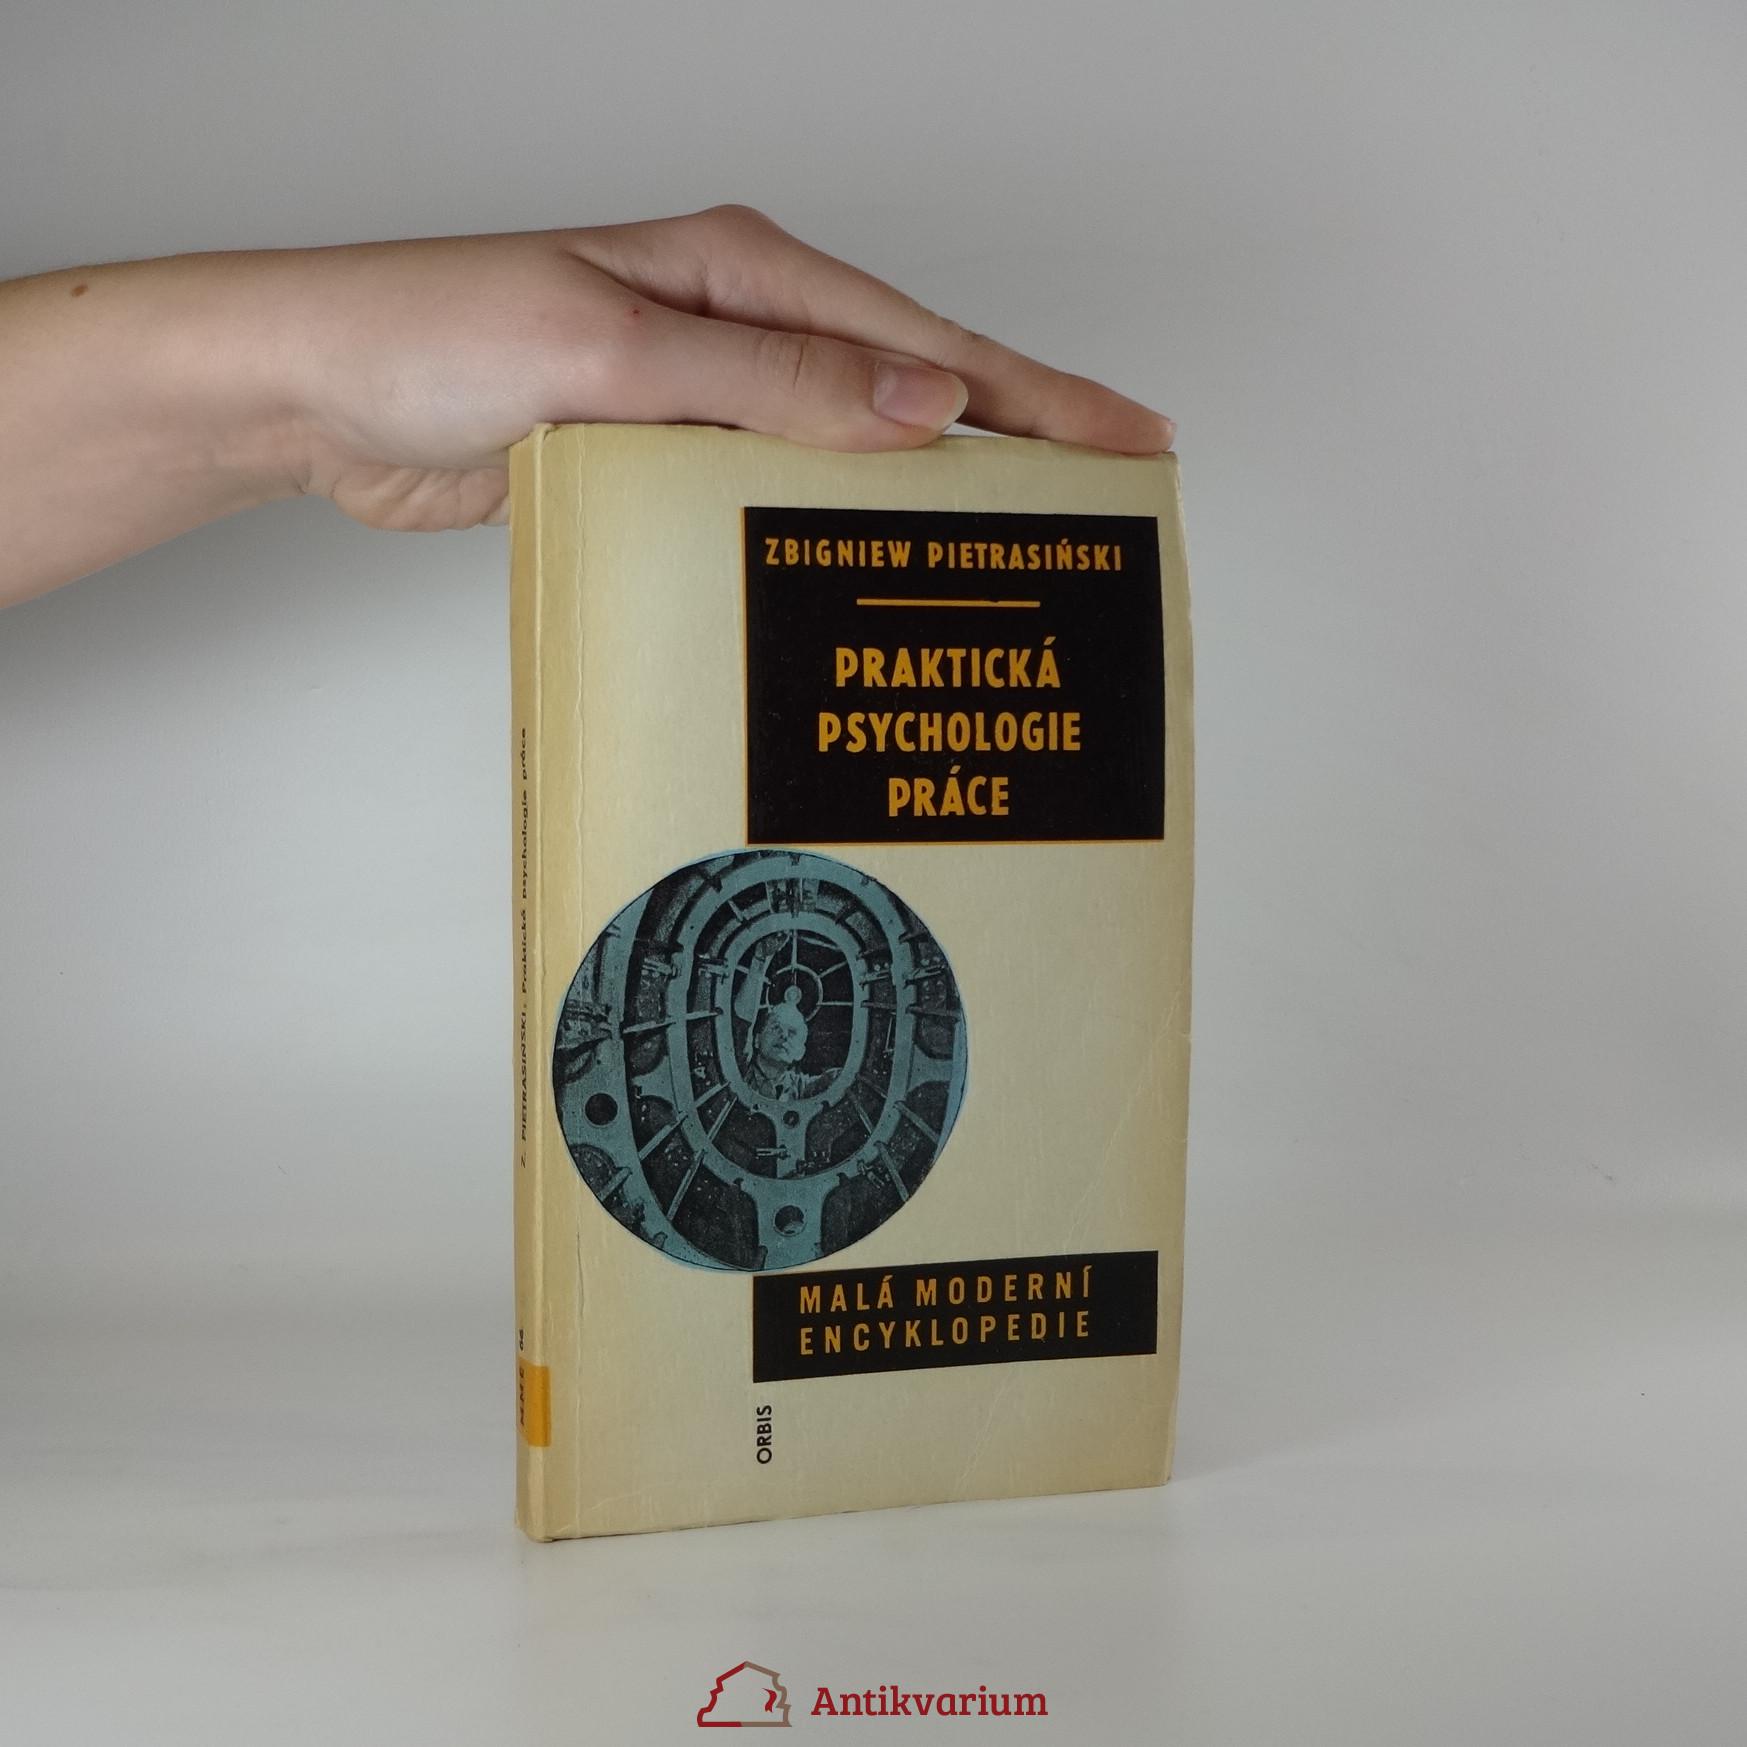 antikvární kniha Praktická psychologie práce. Malá moderní encyklopedie, 1968